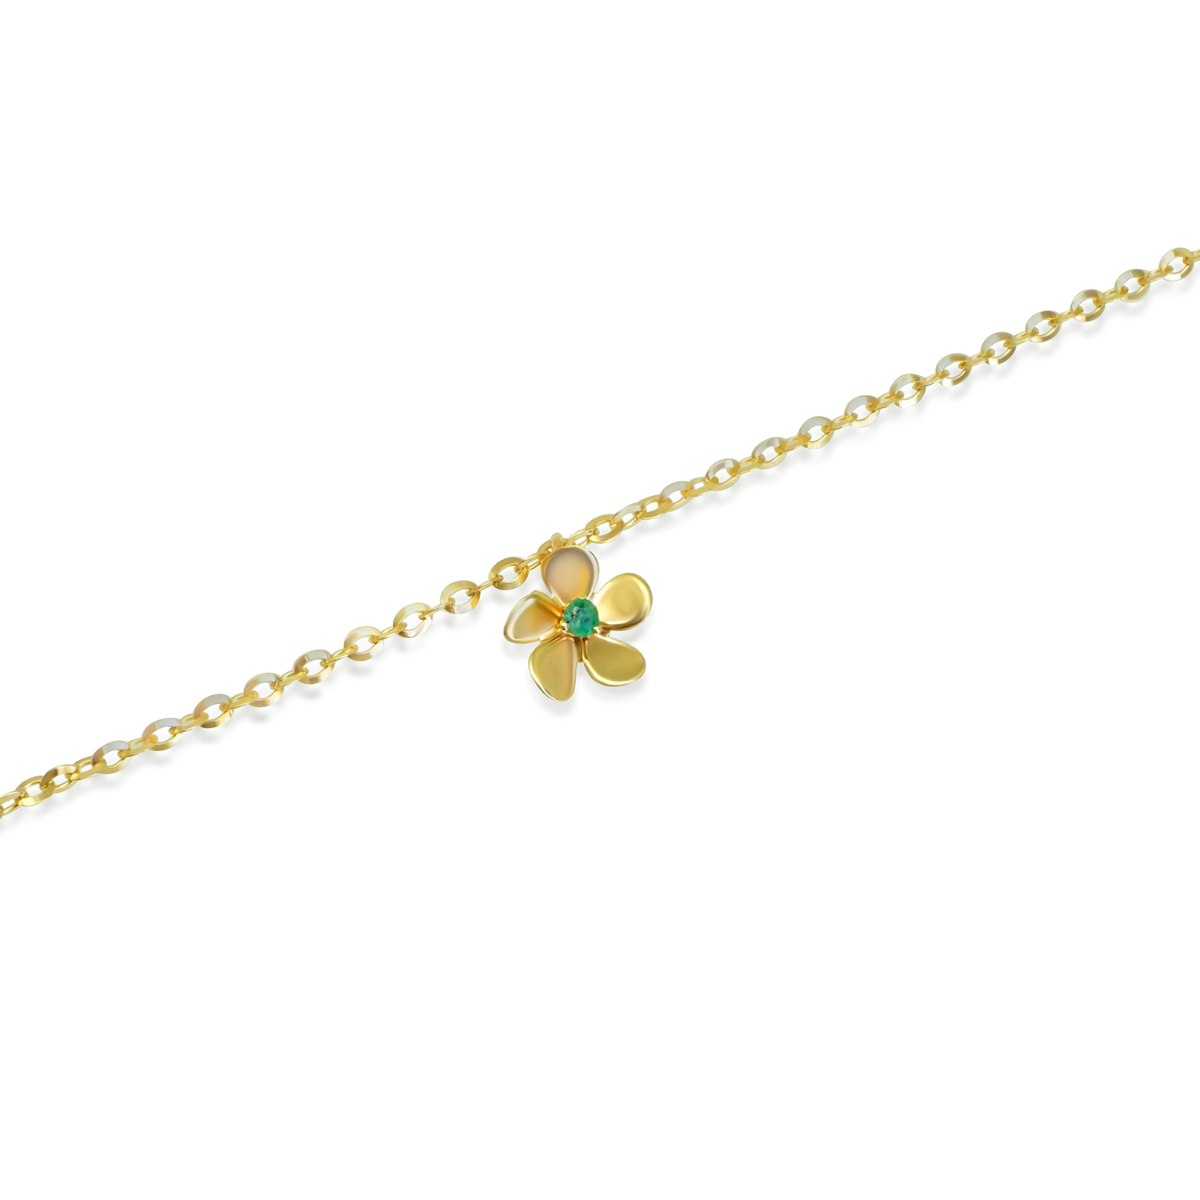 צמיד פרח זהב ואמרלד